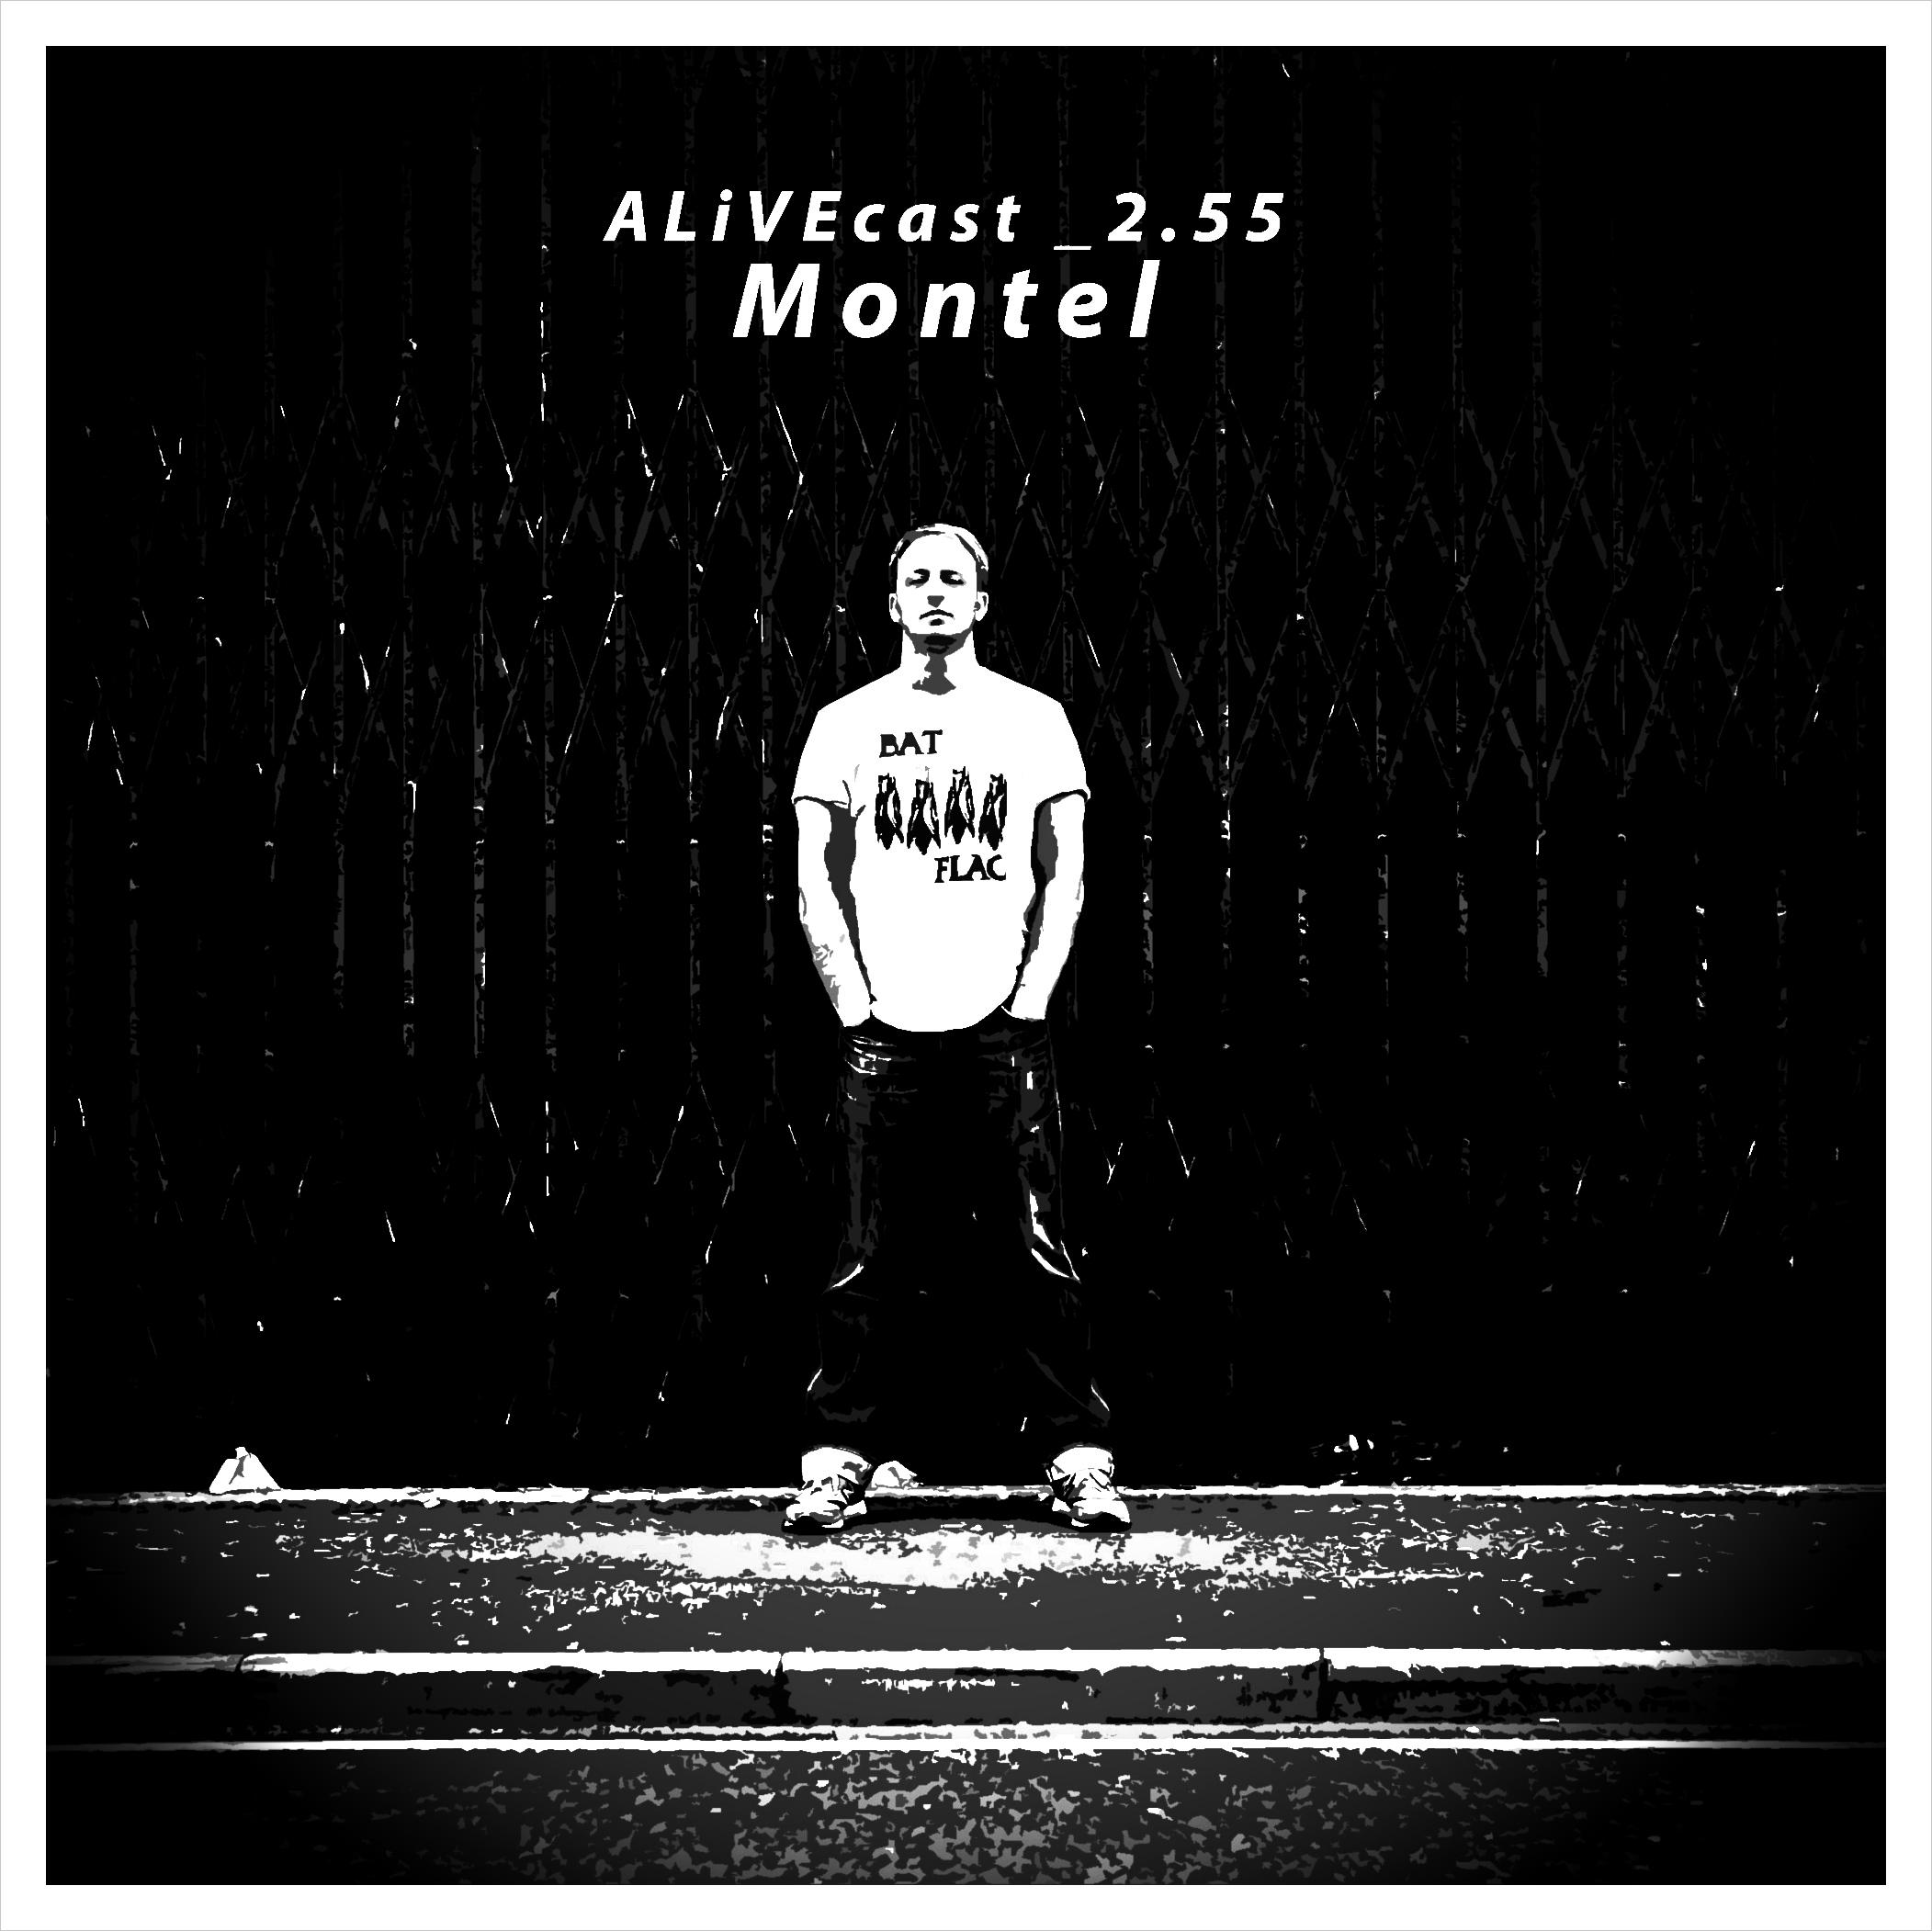 ALiVEcast_2.55 - Montel